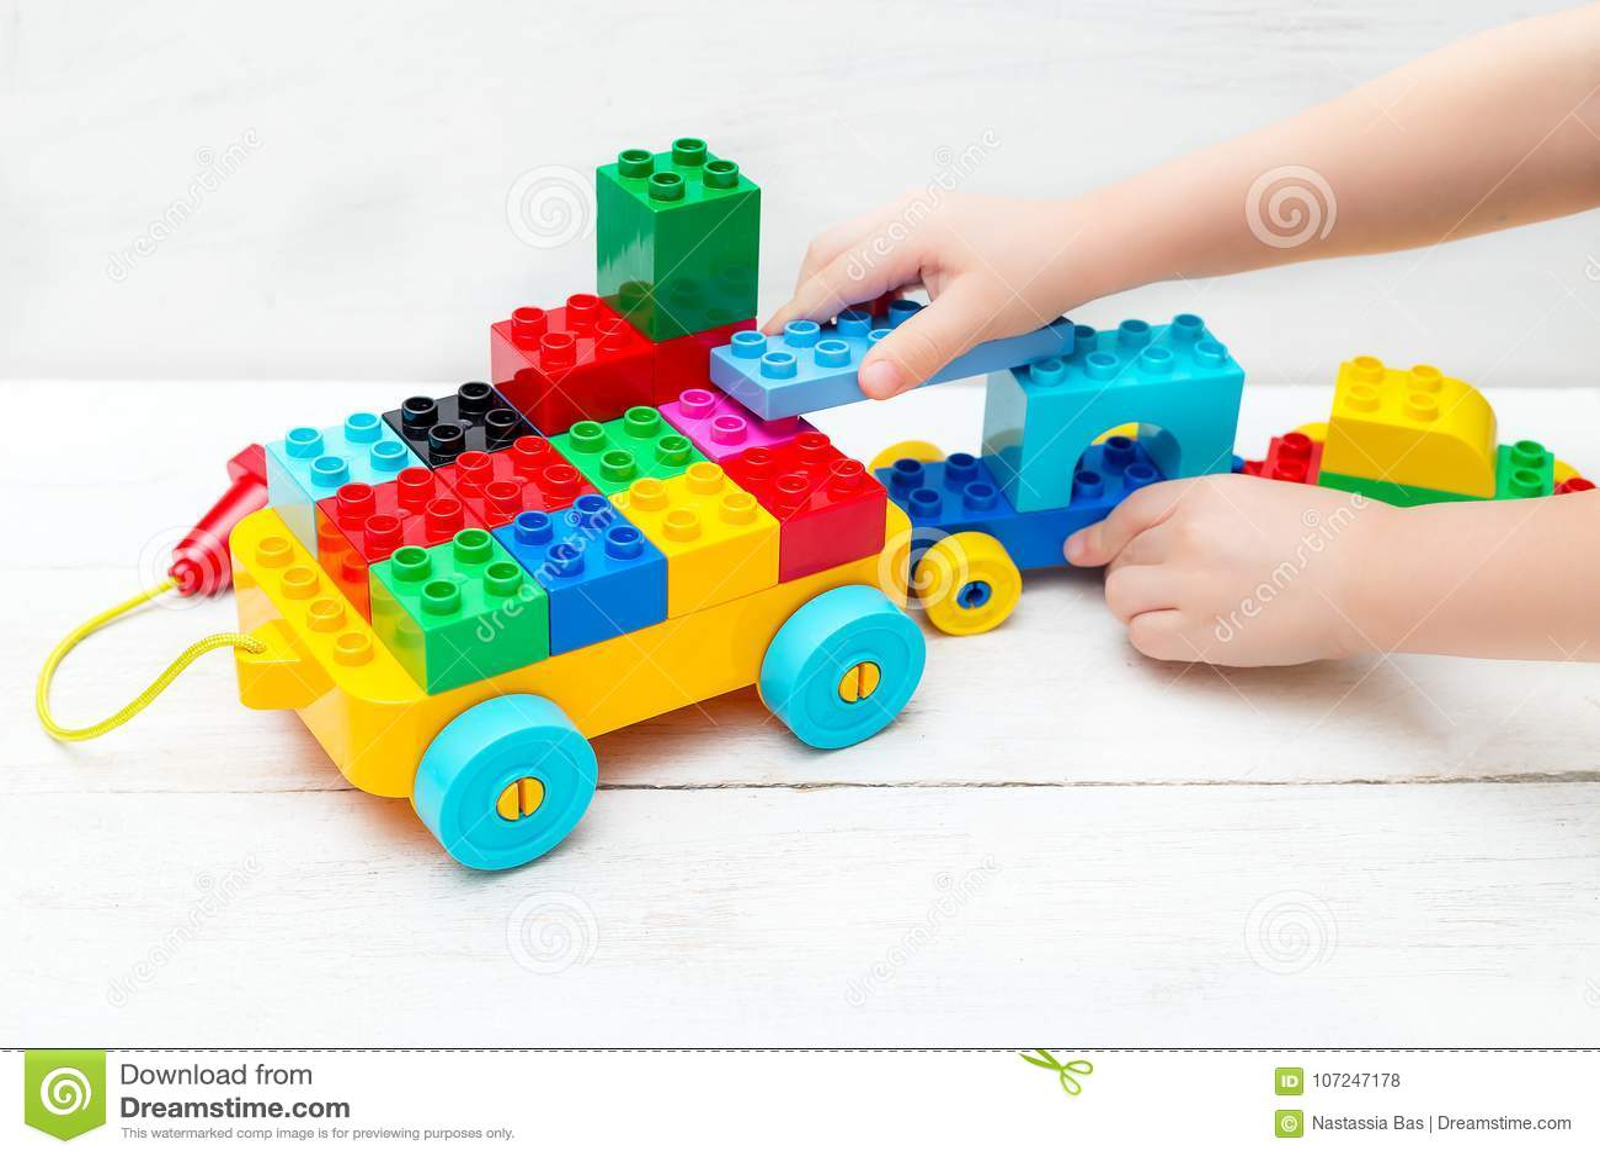 Juguetes educativos Los juegos de niños con el diseñador de Lego